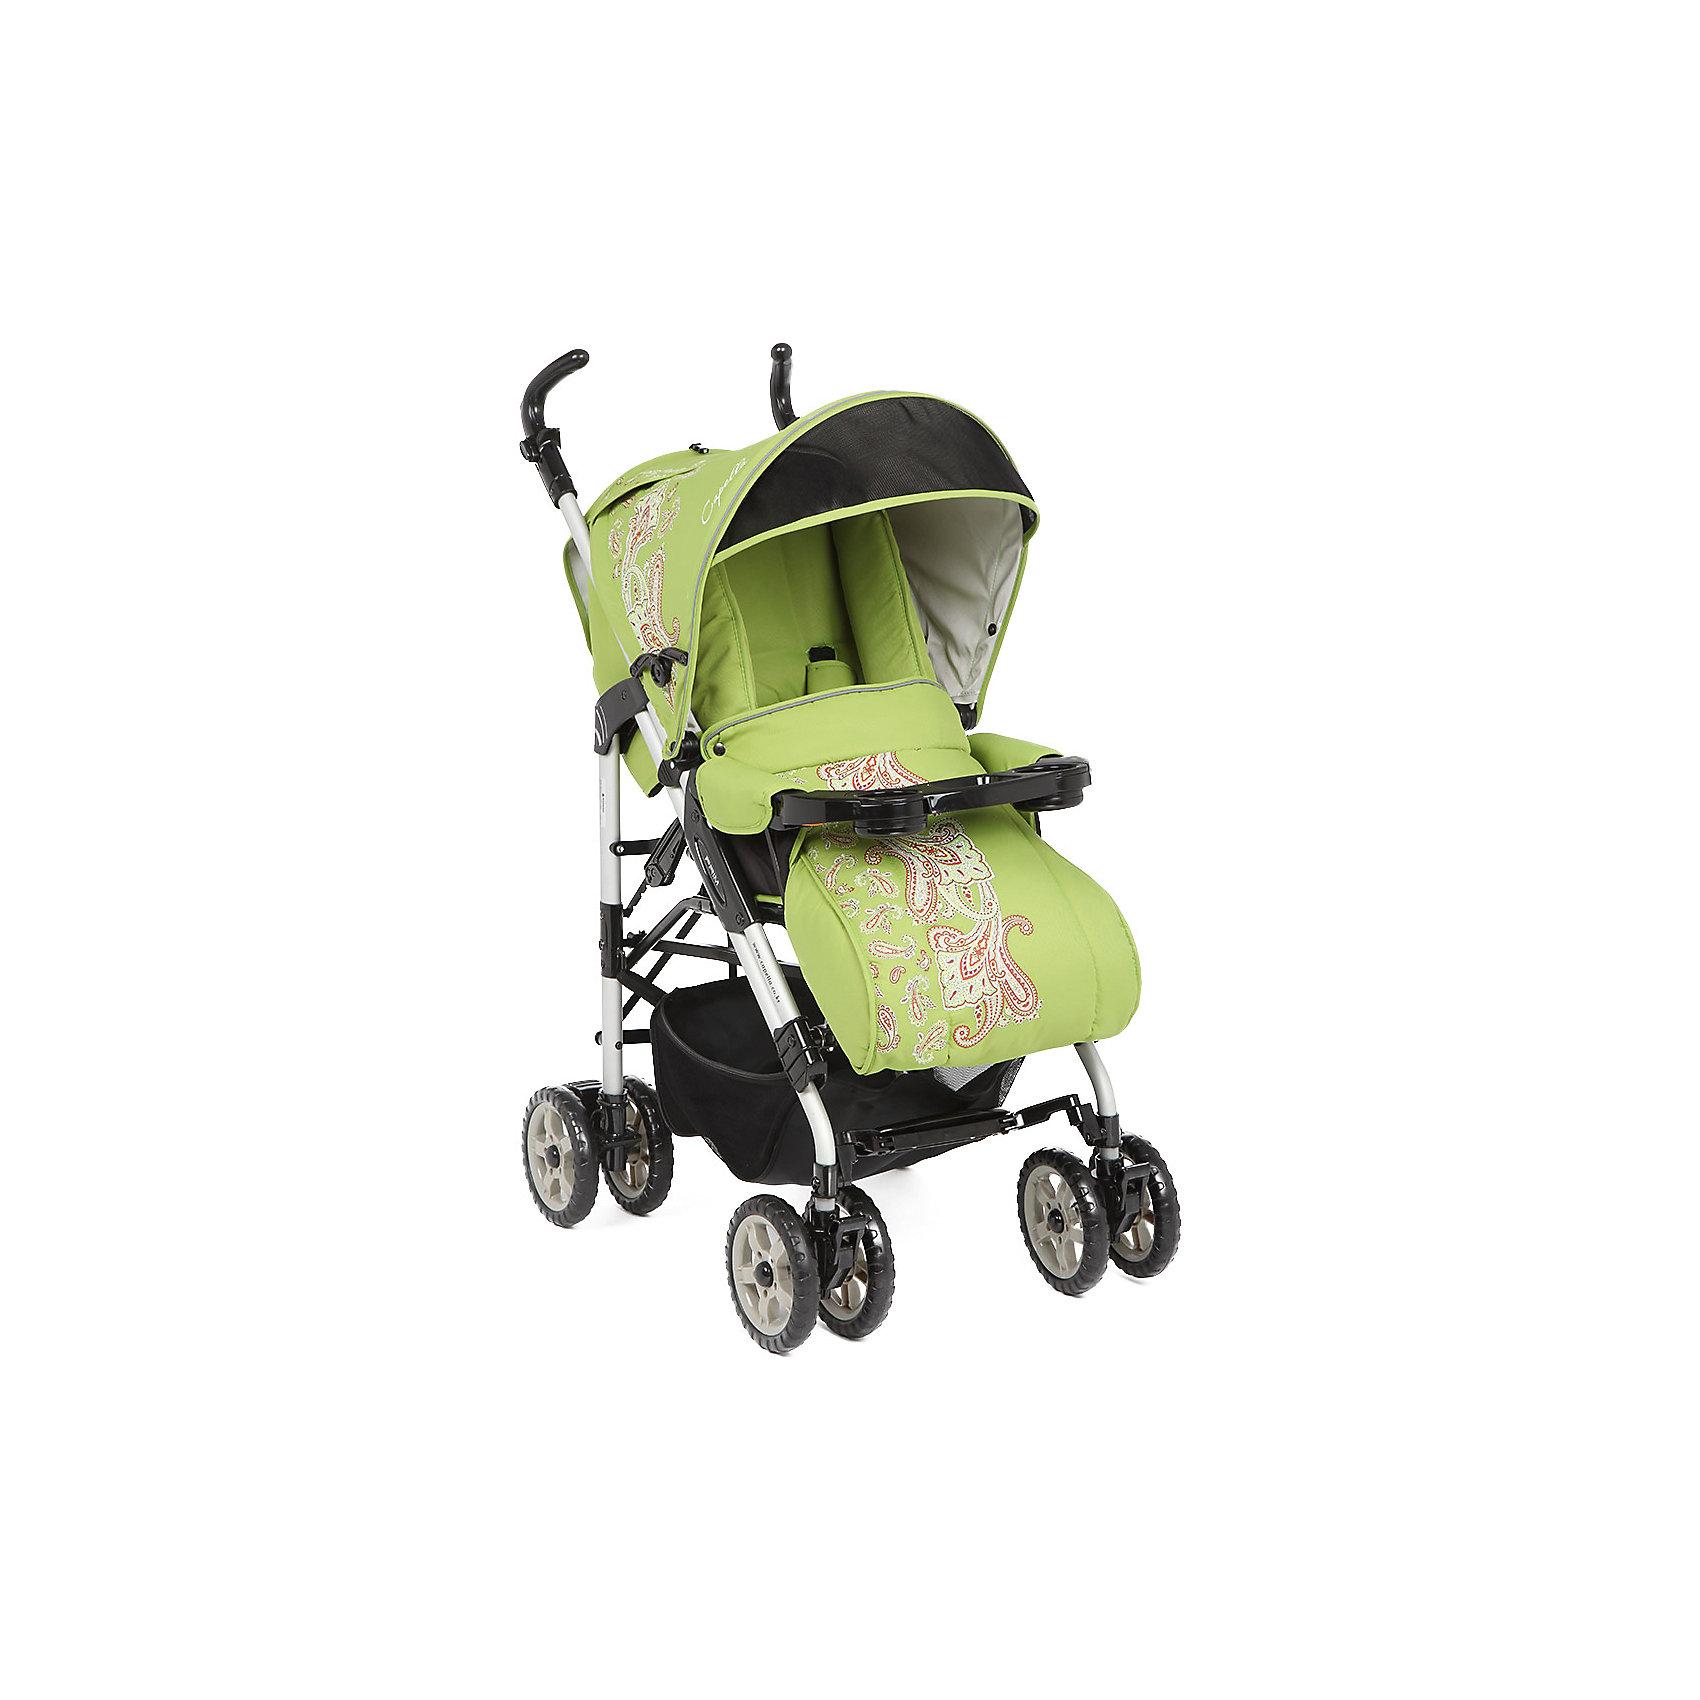 Коляска-трость Capella S-321, лаймКоляски-трости<br>Надежная и стильная прогулочная коляска выполнена в современном и удобном дизайне. Прочная и удобная коляска-трость позволит перевозить ребенка, не беспокоясь при этом о его безопасности. Приятный цвет коляски практичен и универсален. За счет продуманной формы колес и амортизации коляска отлично будет ехать как по не ровной дороге, так и по снегу. Коляска легкая и прочная.<br>Конструкция - очень устойчивая. Модель дополнена 5-точечными ремнями безопасности. Изделие произведено из качественных и безопасных для малышей материалов, оно соответствуют всем современным требованиям безопасности.<br><br>Дополнительная информация:<br><br>цвет: лайм;<br>механизм складывания: трость; <br>возраст ребенка: от 6 месяцев;<br>вес коляски: 10,2 кг;<br>4 двойных колеса;<br>фиксация передних колес;<br>регулировка подножки по высоте;<br>ремни безопасности: пятиточечные;<br>регулировка ручки по высоте<br>дождевик;<br>москитная сетка;<br>раскладывается на 180 градусов;<br>положение лежа;<br>мягкая подвеска;<br>материал: пластик, металл, текстиль.<br><br>Прогулочную коляску S-321, лайм от компании Capella можно купить в нашем магазине.<br><br>Ширина мм: 1000<br>Глубина мм: 530<br>Высота мм: 730<br>Вес г: 10000<br>Возраст от месяцев: 6<br>Возраст до месяцев: 36<br>Пол: Унисекс<br>Возраст: Детский<br>SKU: 4778514